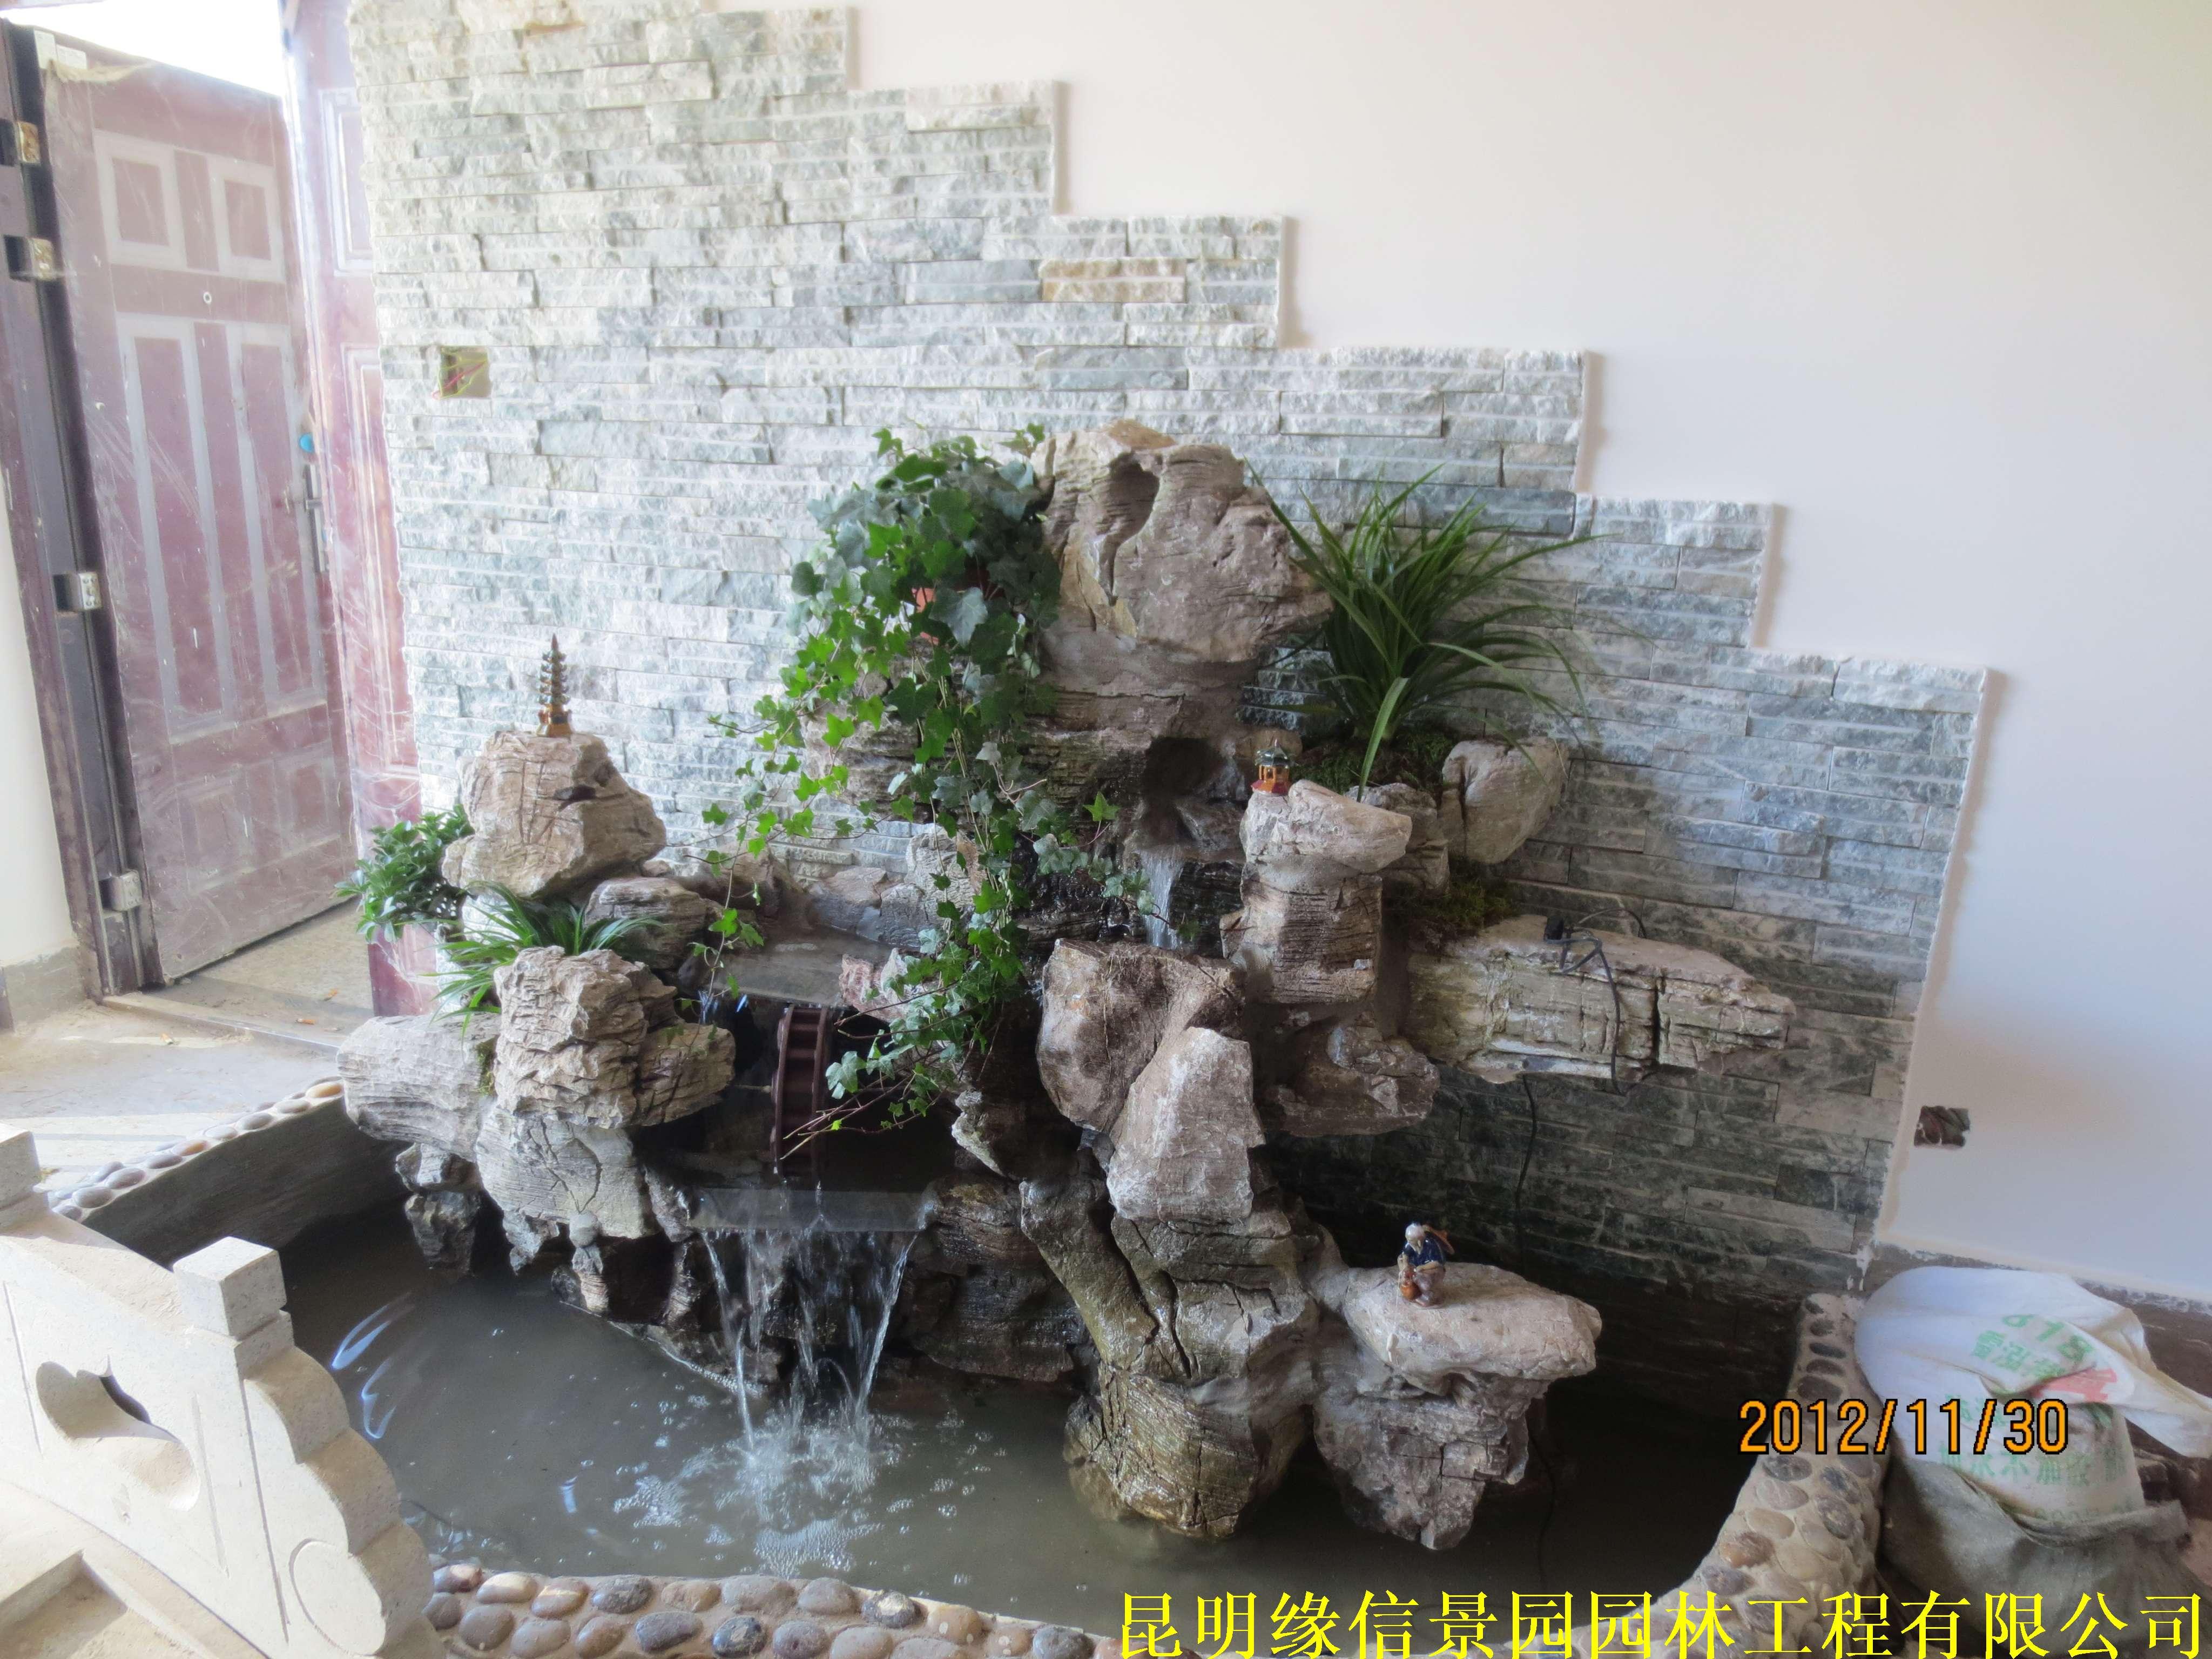 景观设计 - 屋顶花园,云南别墅花园